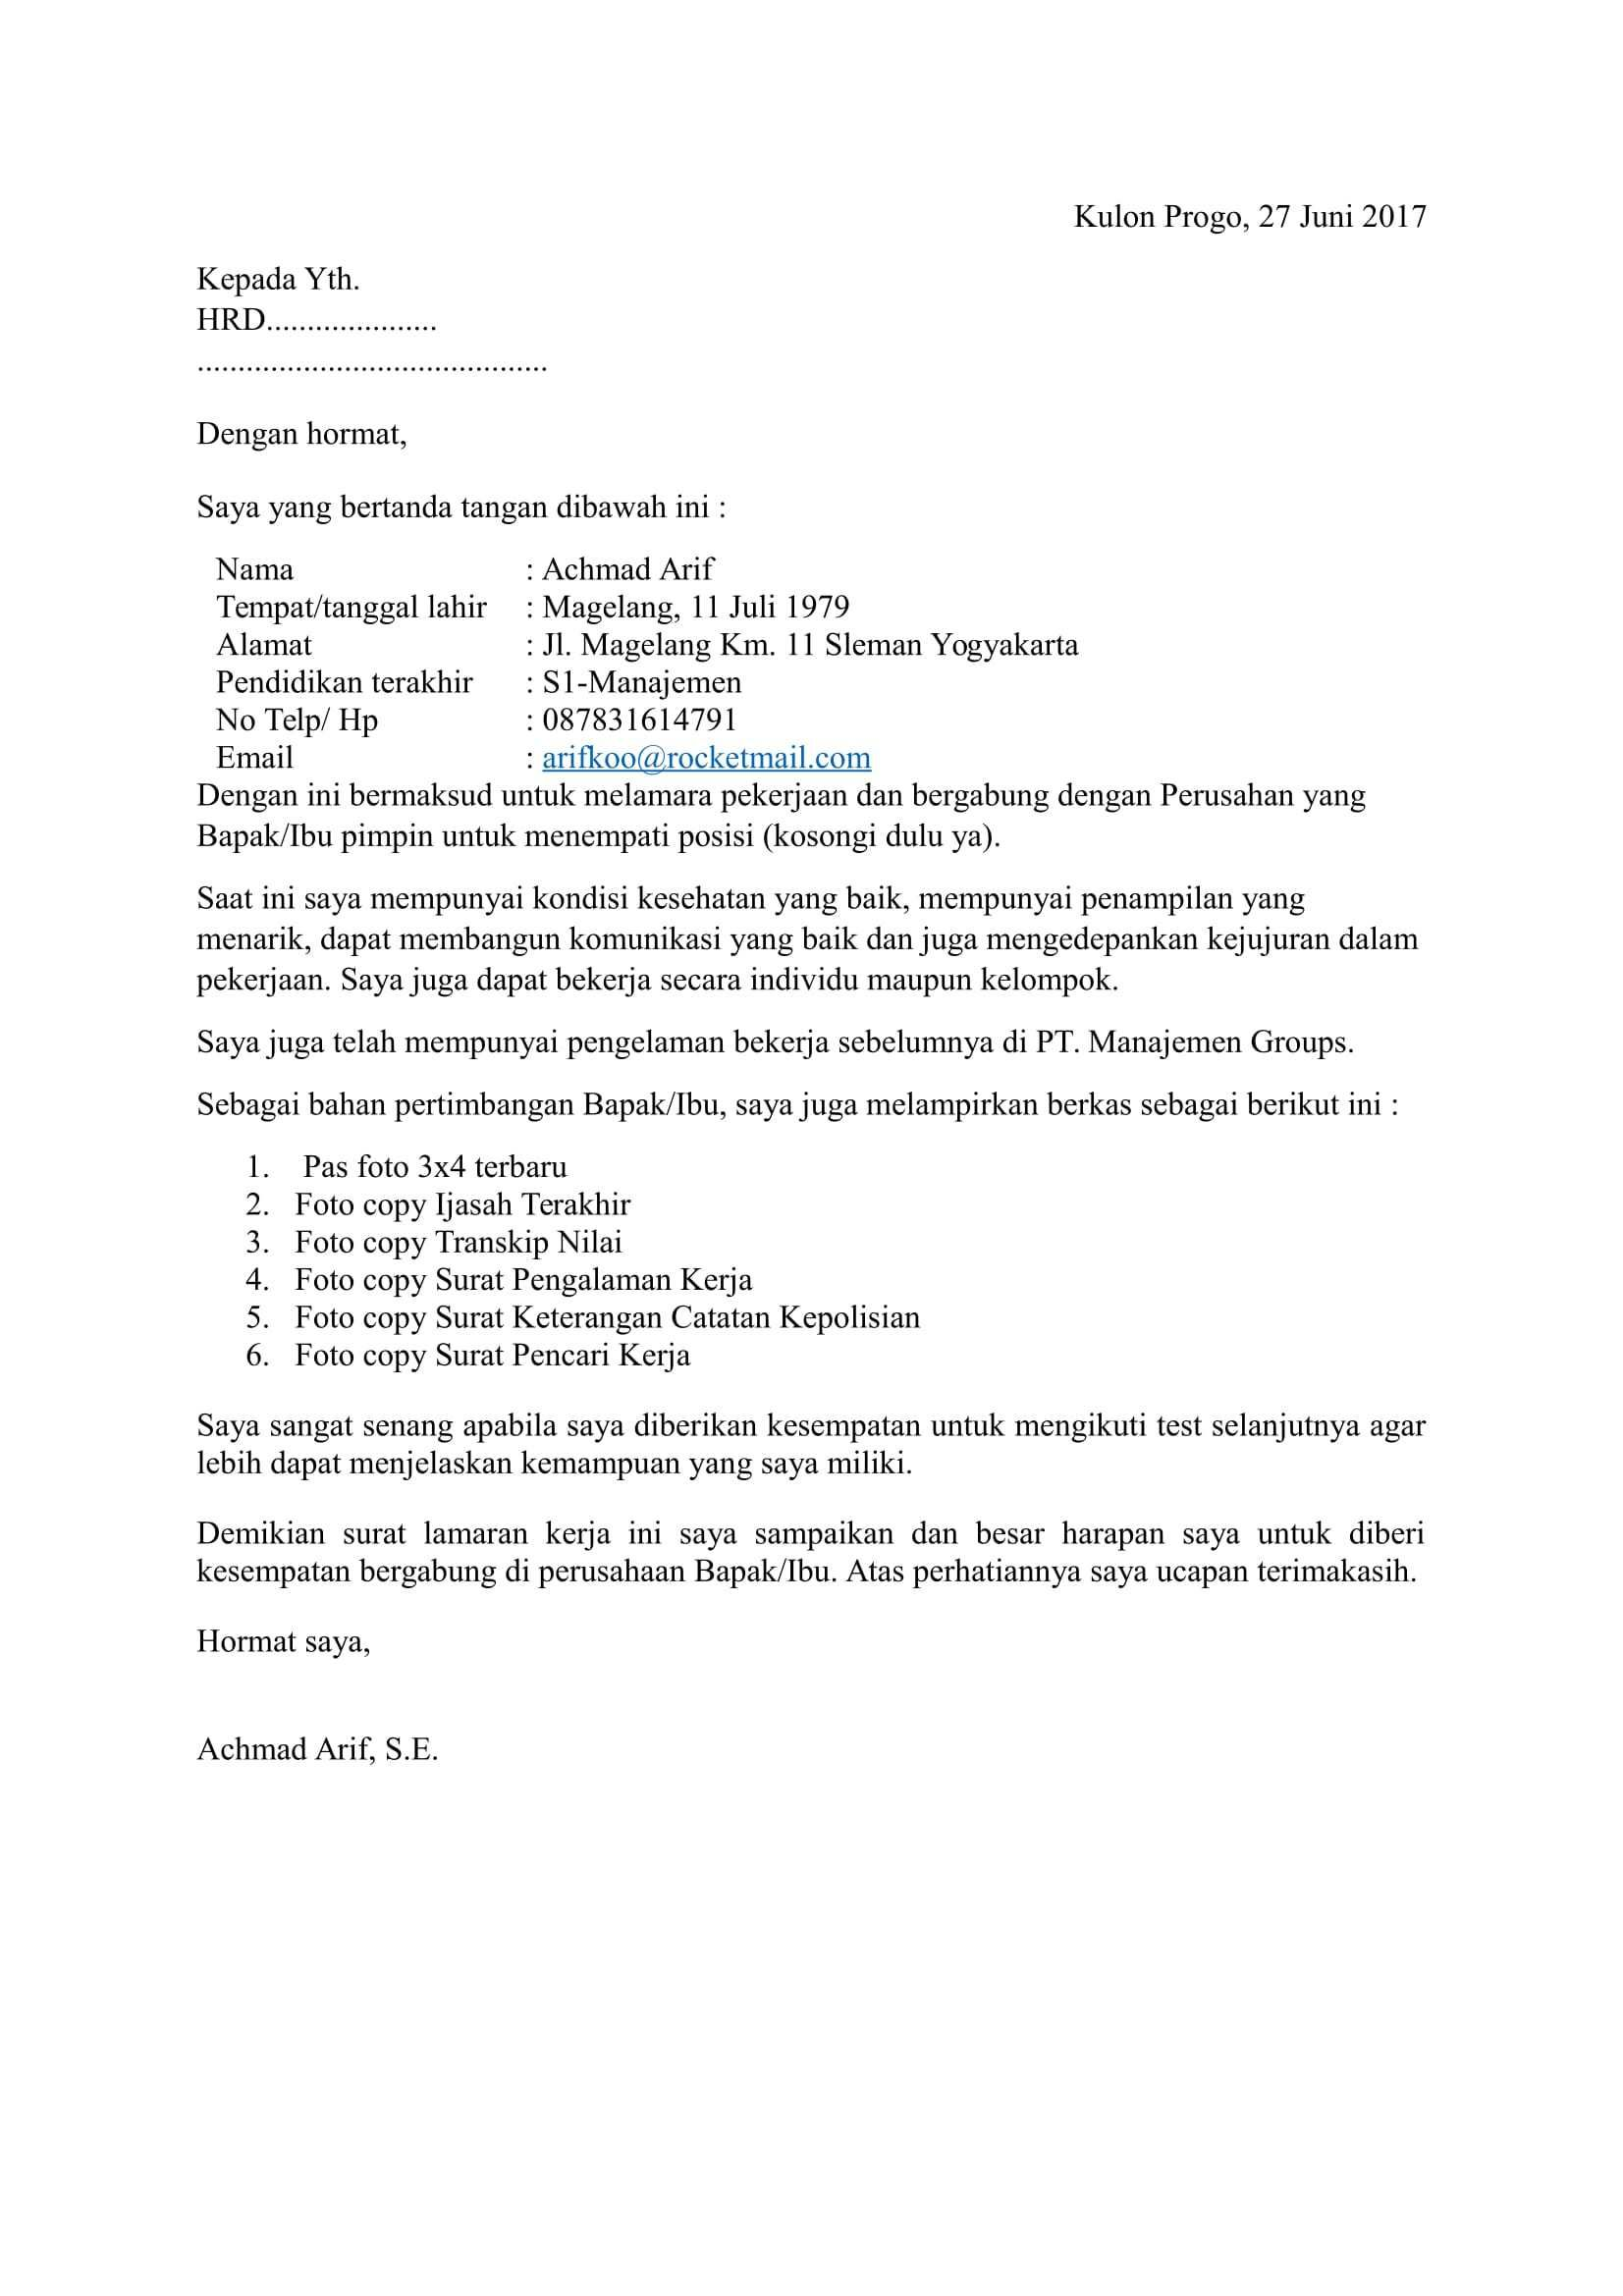 10 Surat Lamaran Kerja Guru Writing a term paper